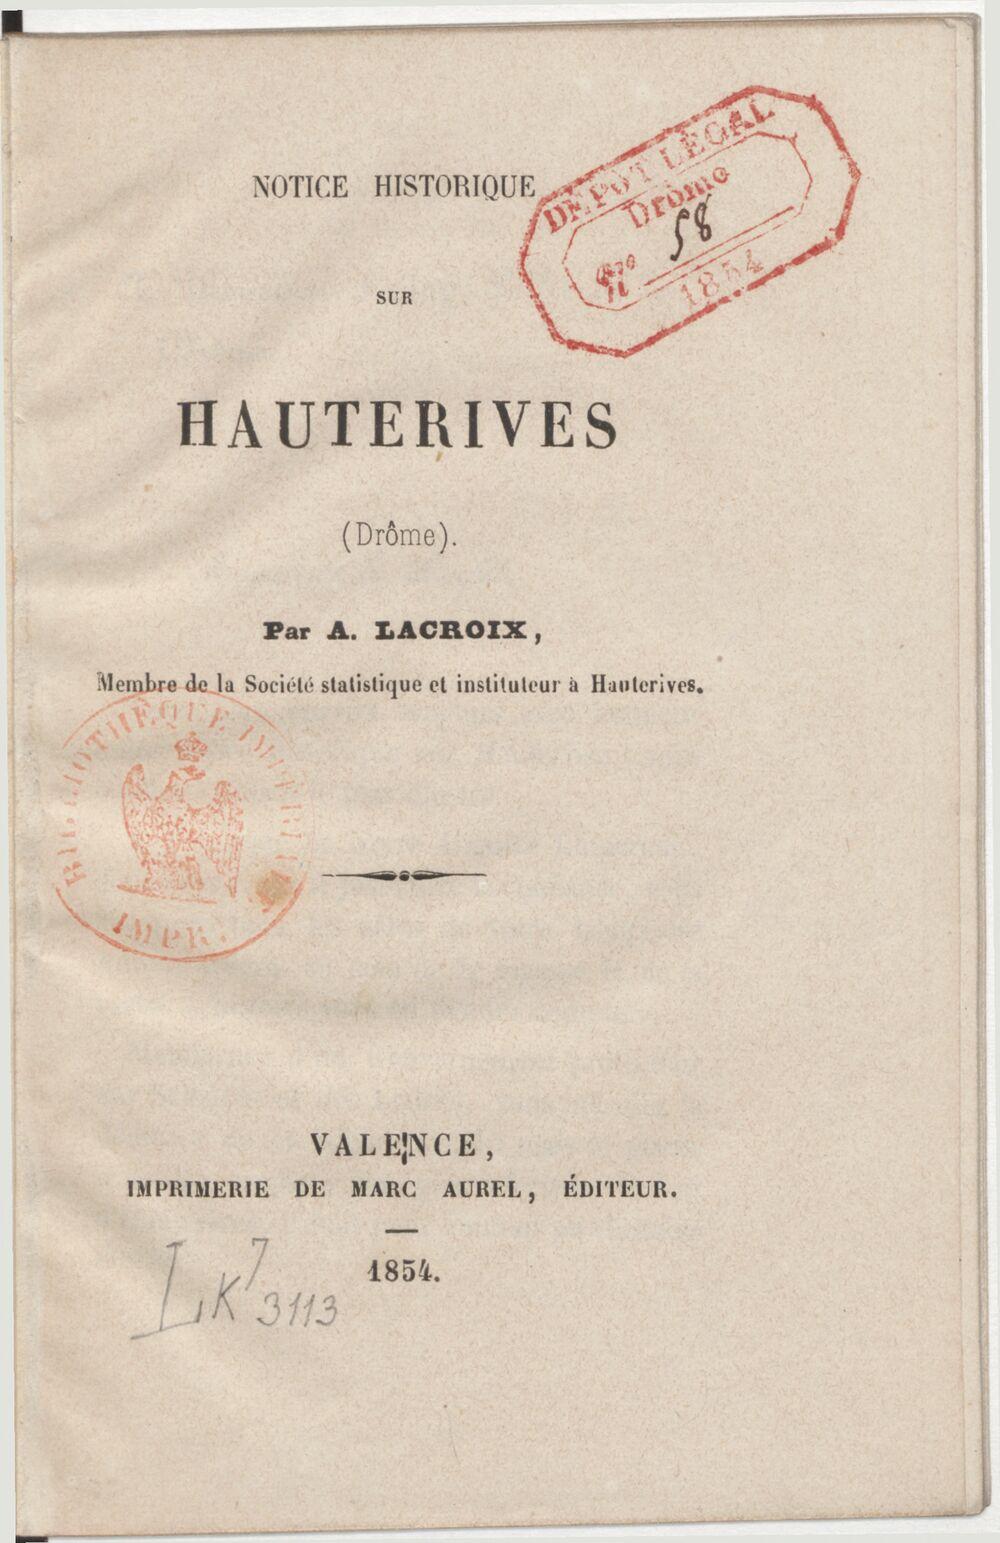 Notice historique sur Hauterives (Drôme) / par A. Lacroix,...